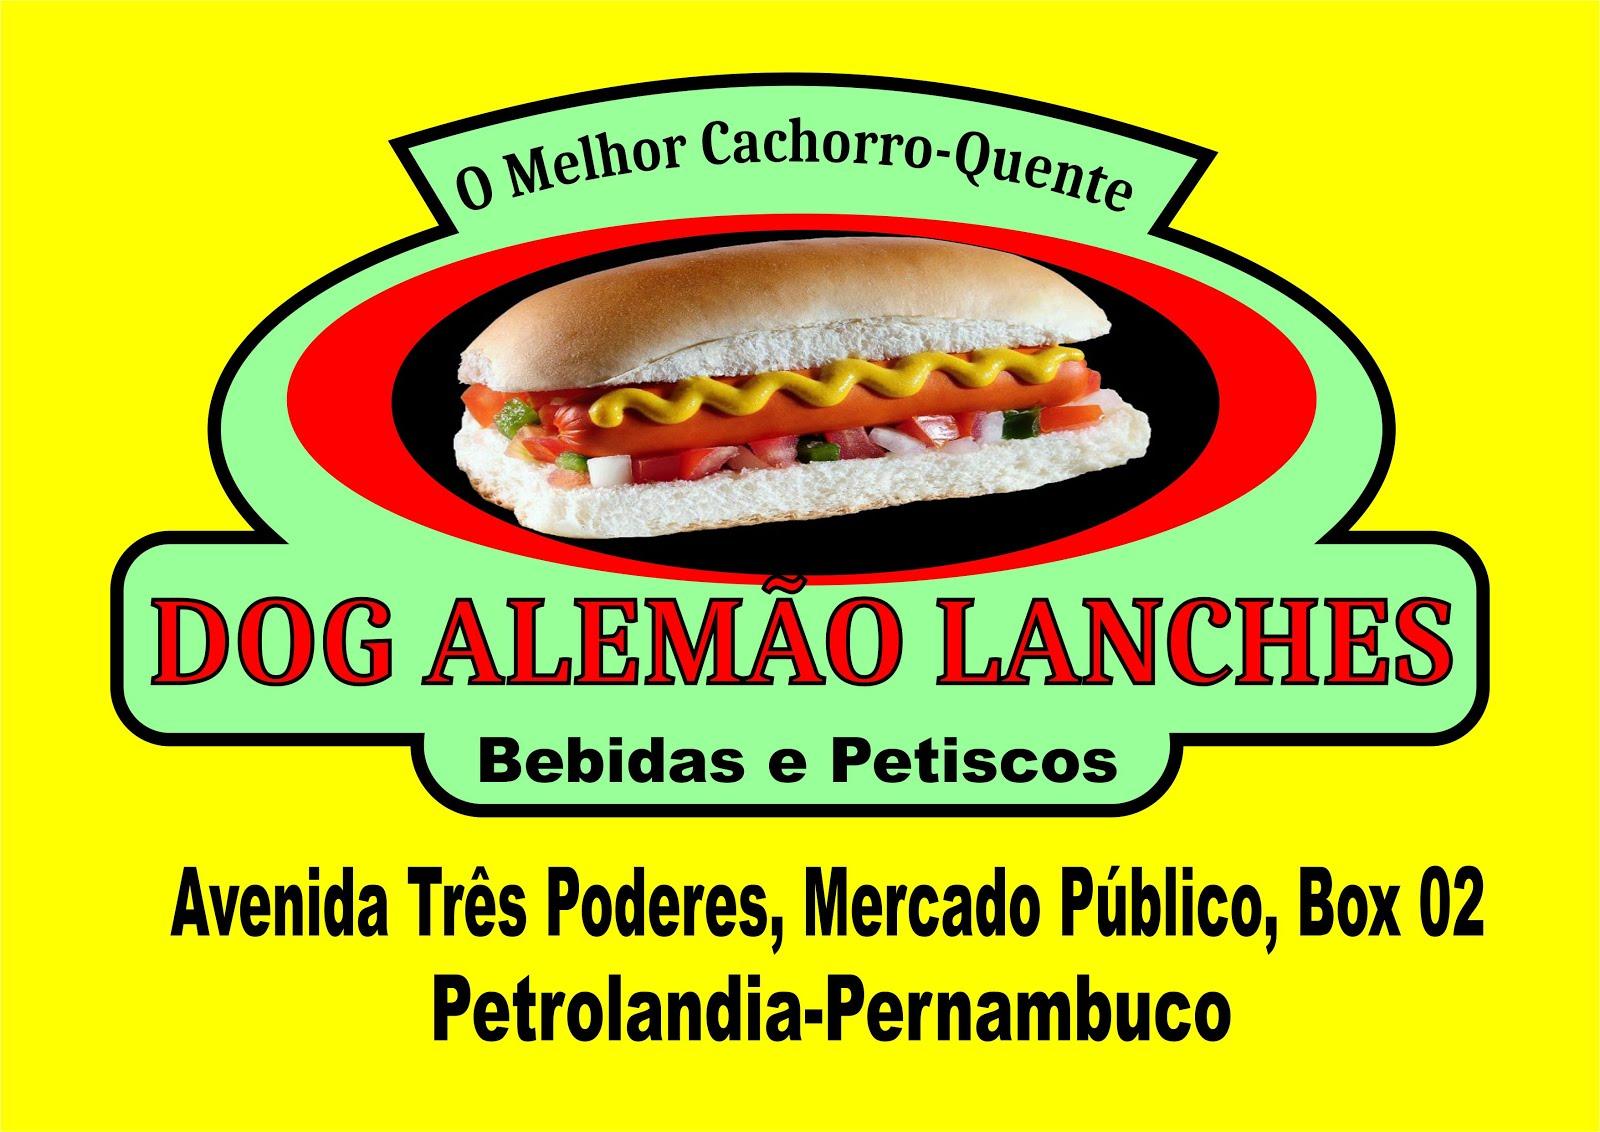 DOG ALEMÃO LANCHES